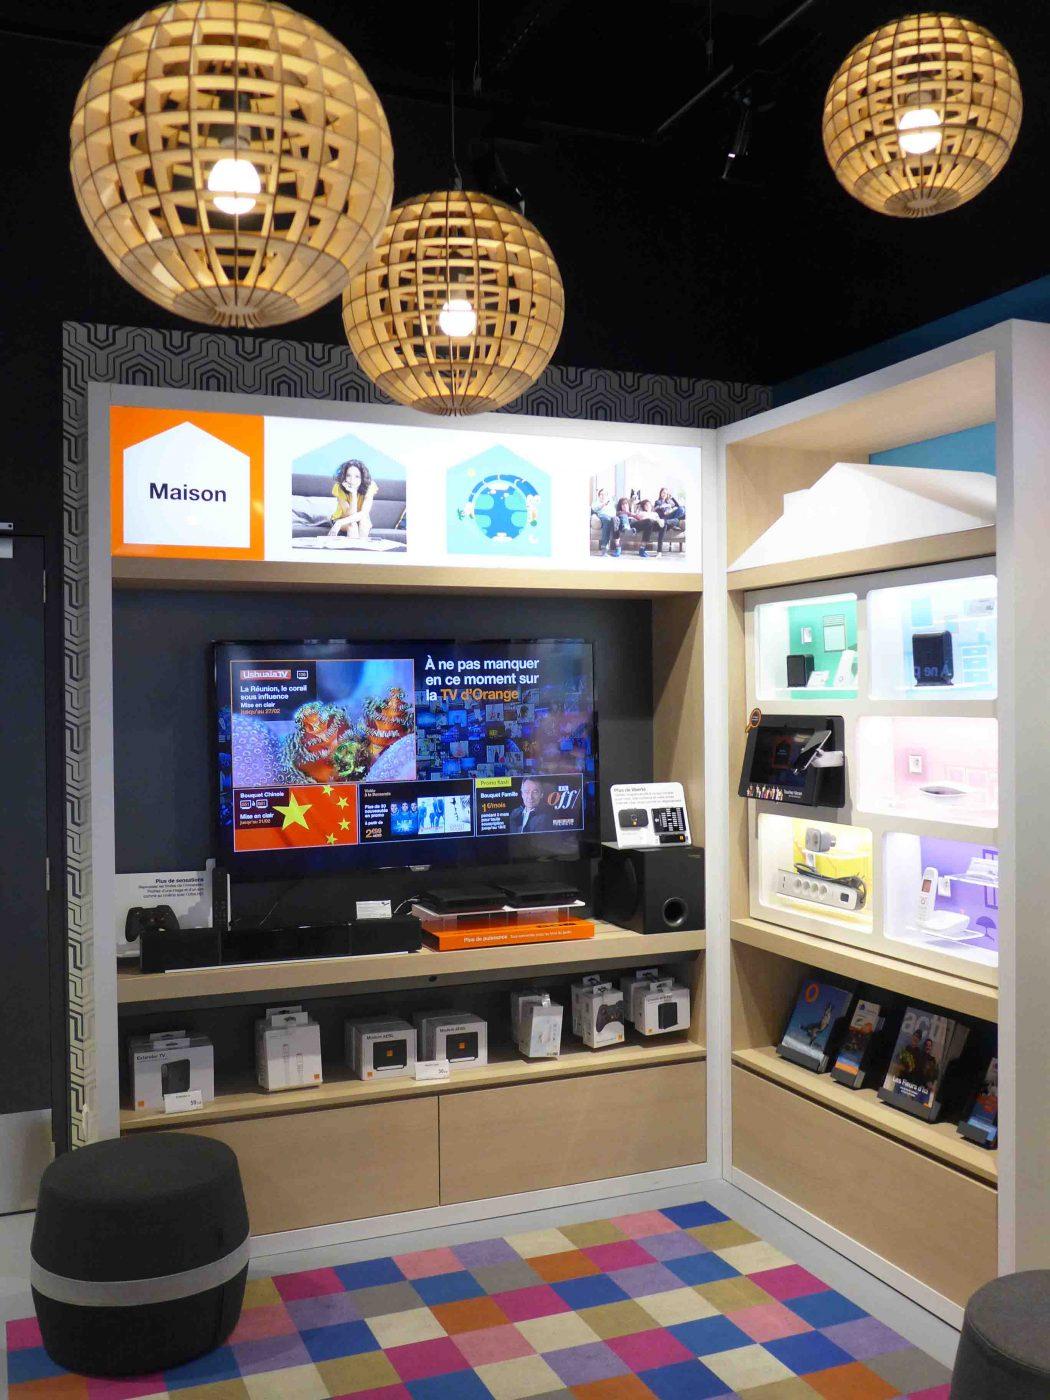 Le nouveau concept de boutique smartstore d'Orange